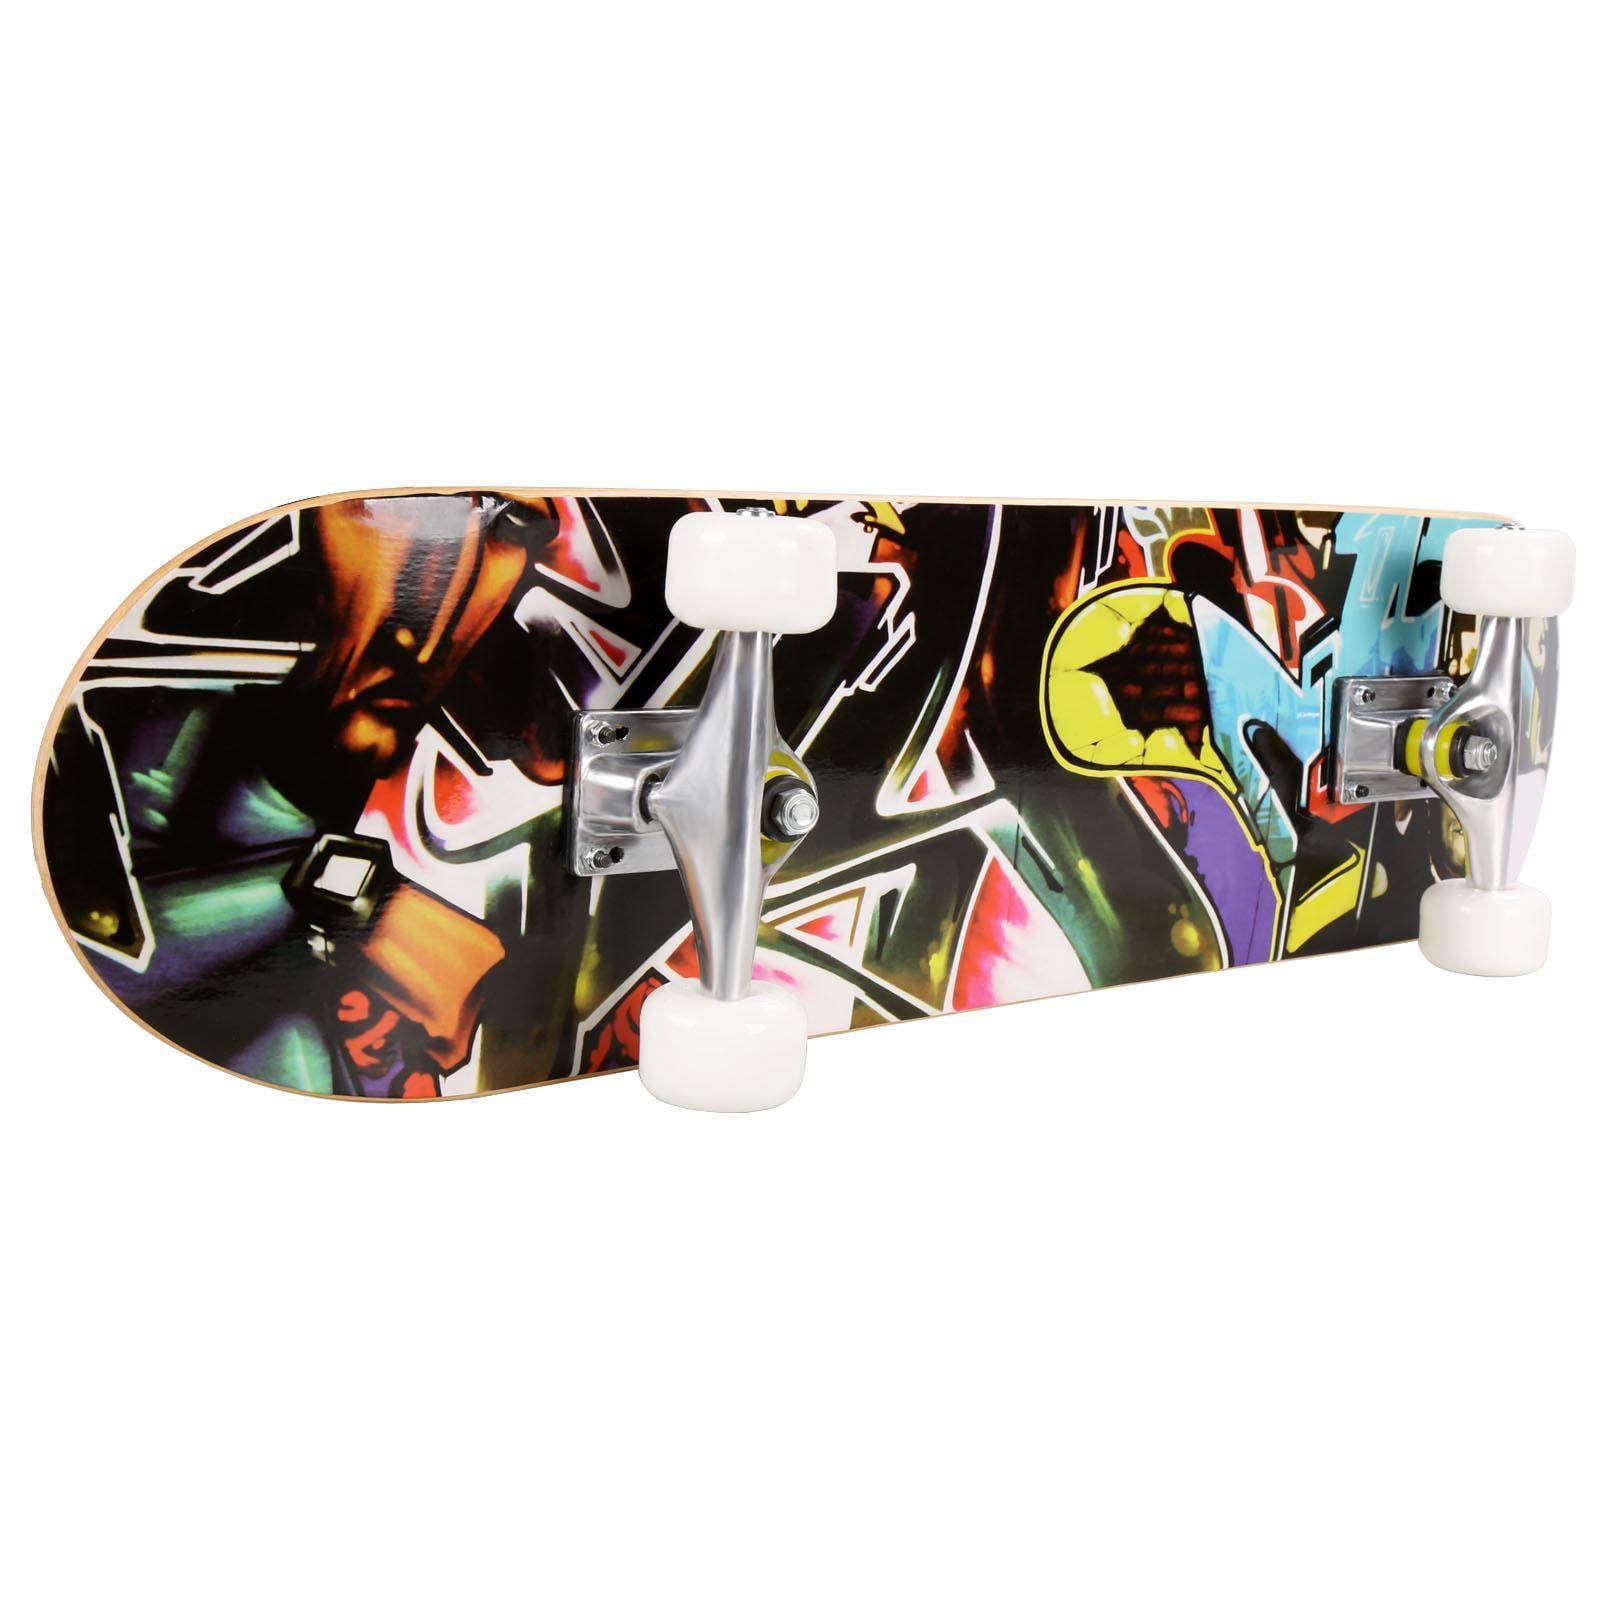 """PRO Print Wood board 30.6"""" PU wheels Longboard Complete Deck Skateboard CCGE by"""